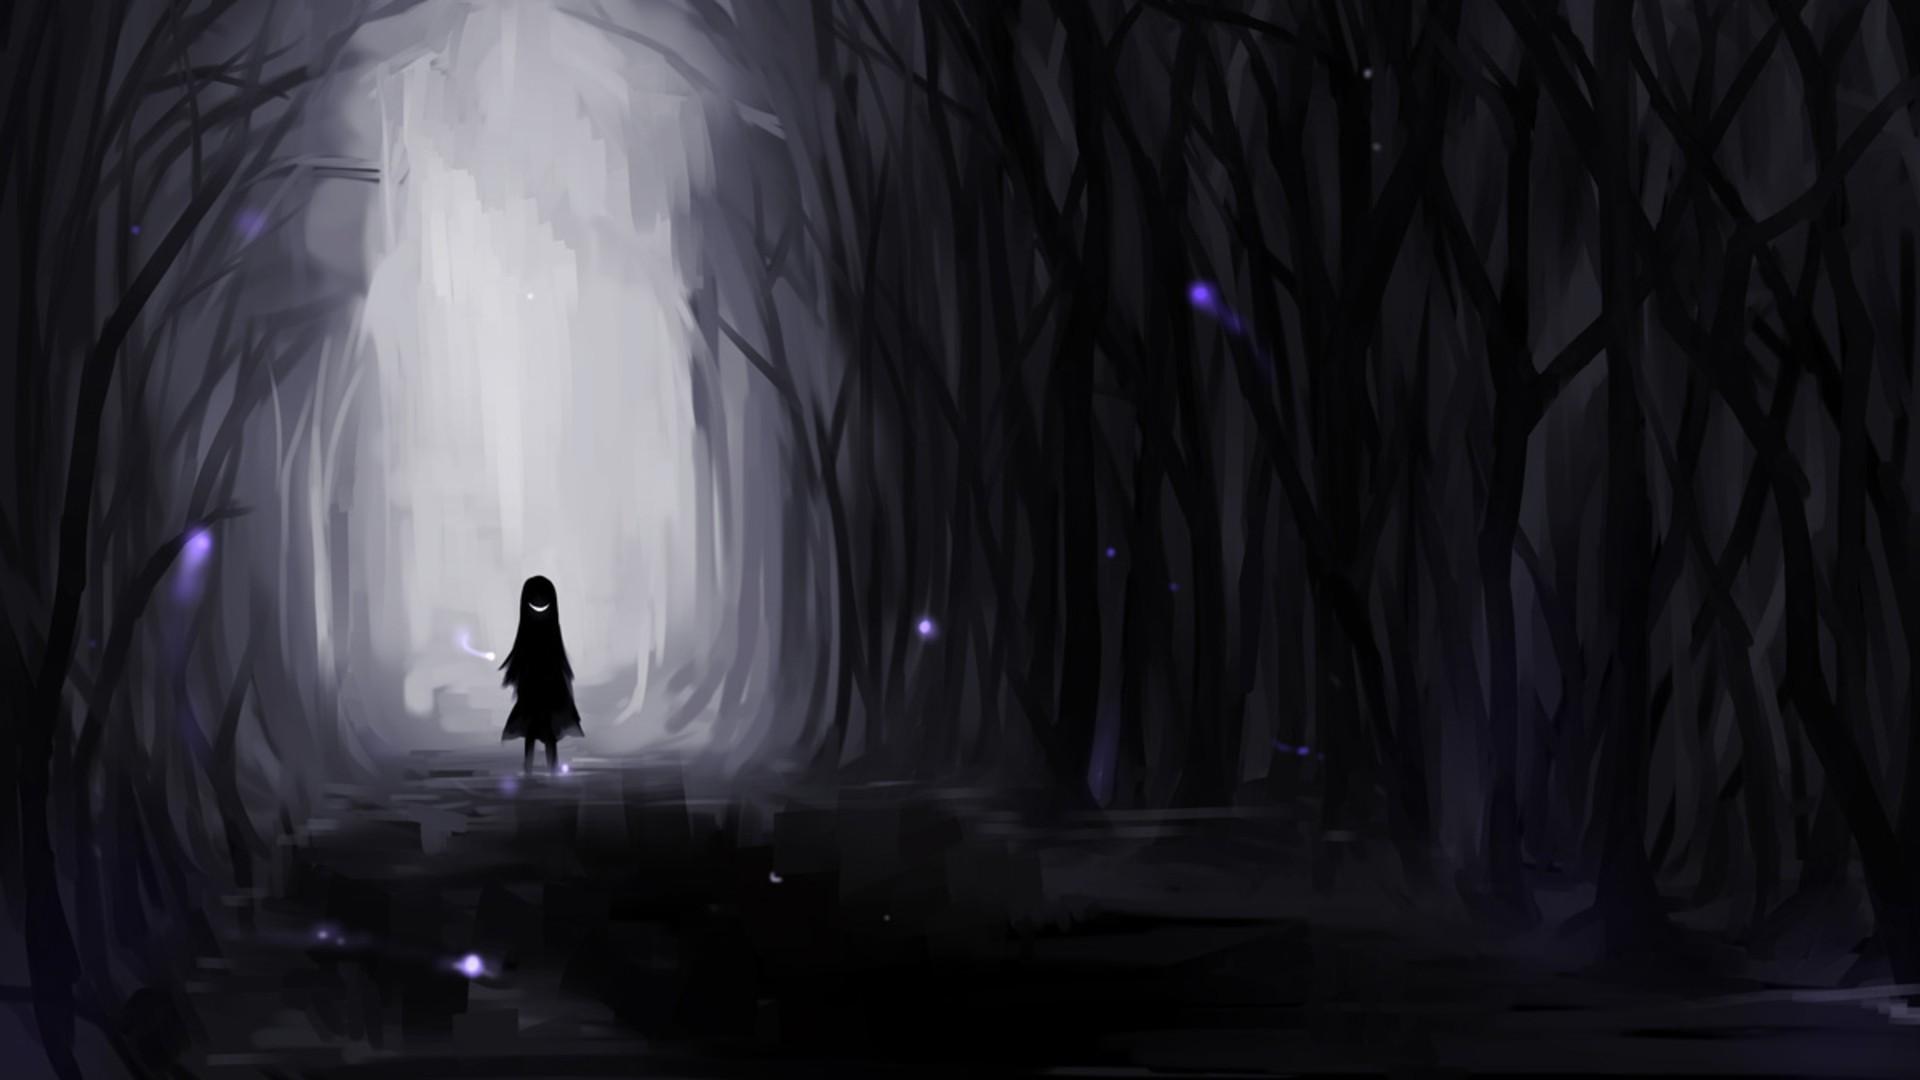 anime wallpaper dark images 1920×1080